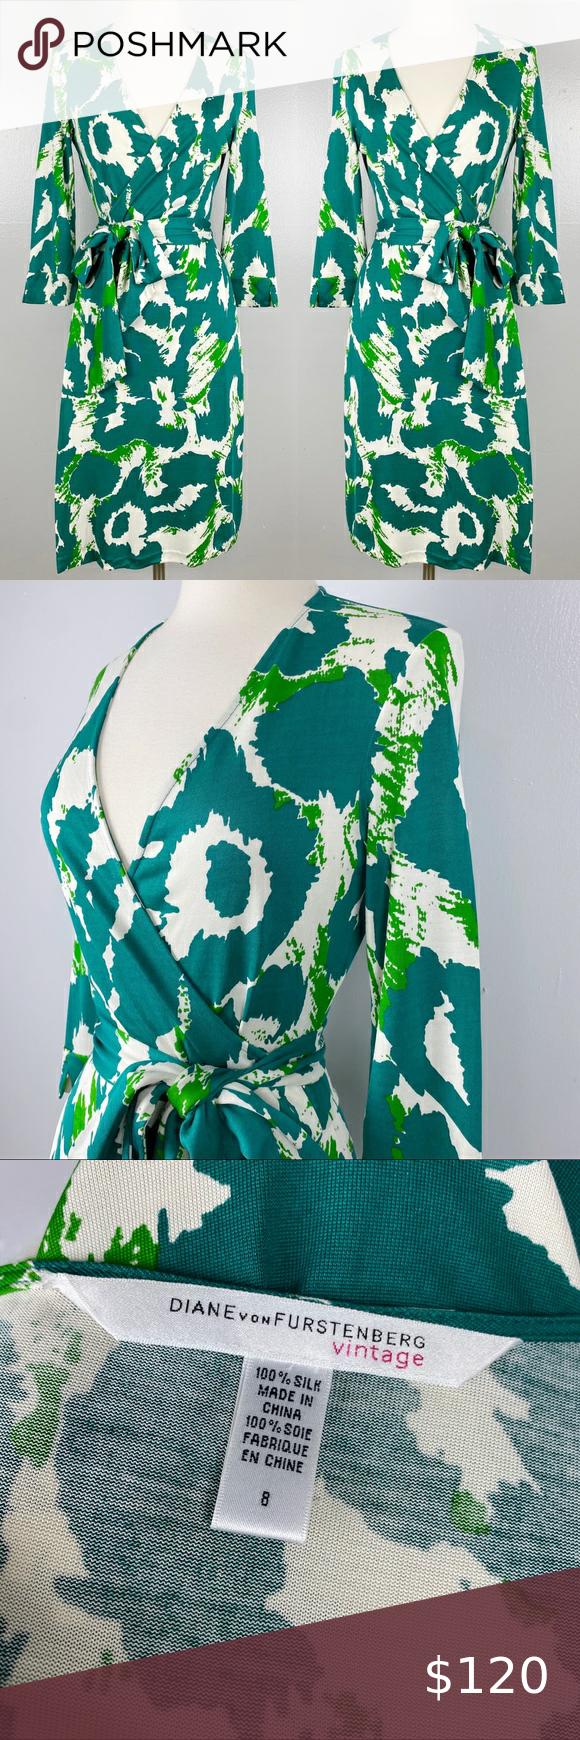 Vintage Diane Von Furstenberg Silk Wrap Dress Silk Wrap Dresses Wrap Dress Diane Von Furstenberg [ 1740 x 580 Pixel ]